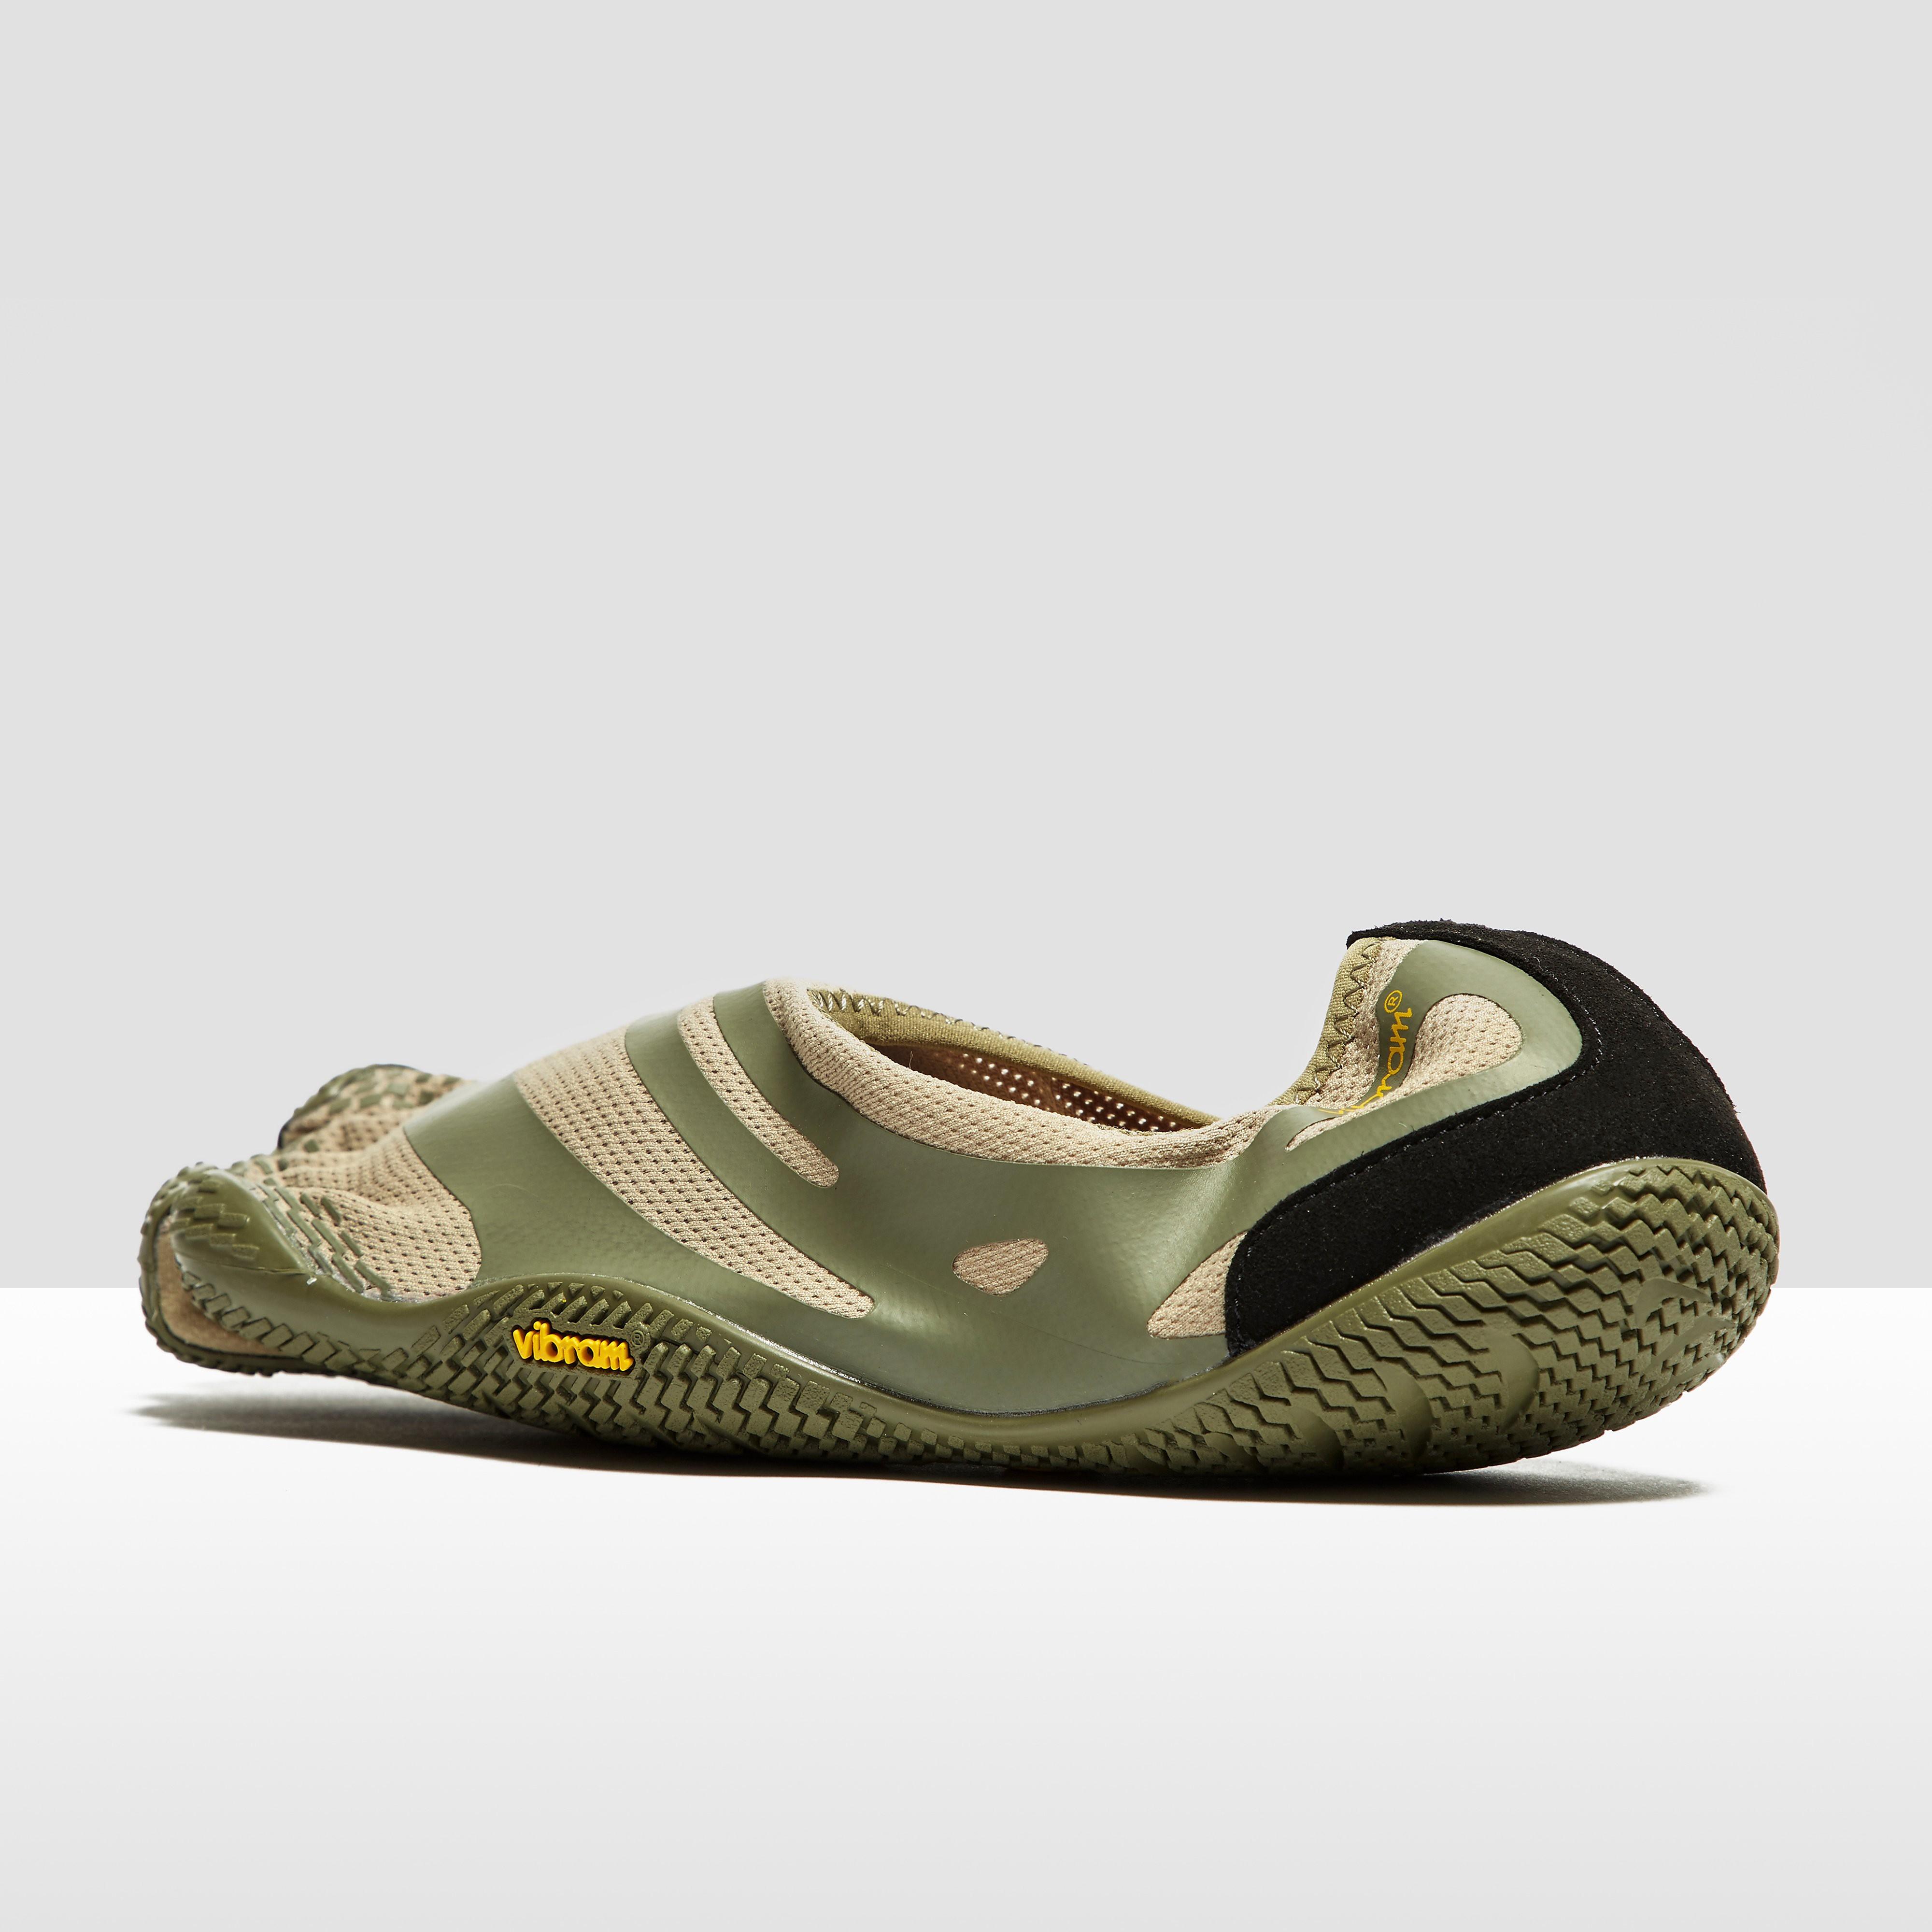 Vibram Five Fingers EL-X Men's Running Shoes